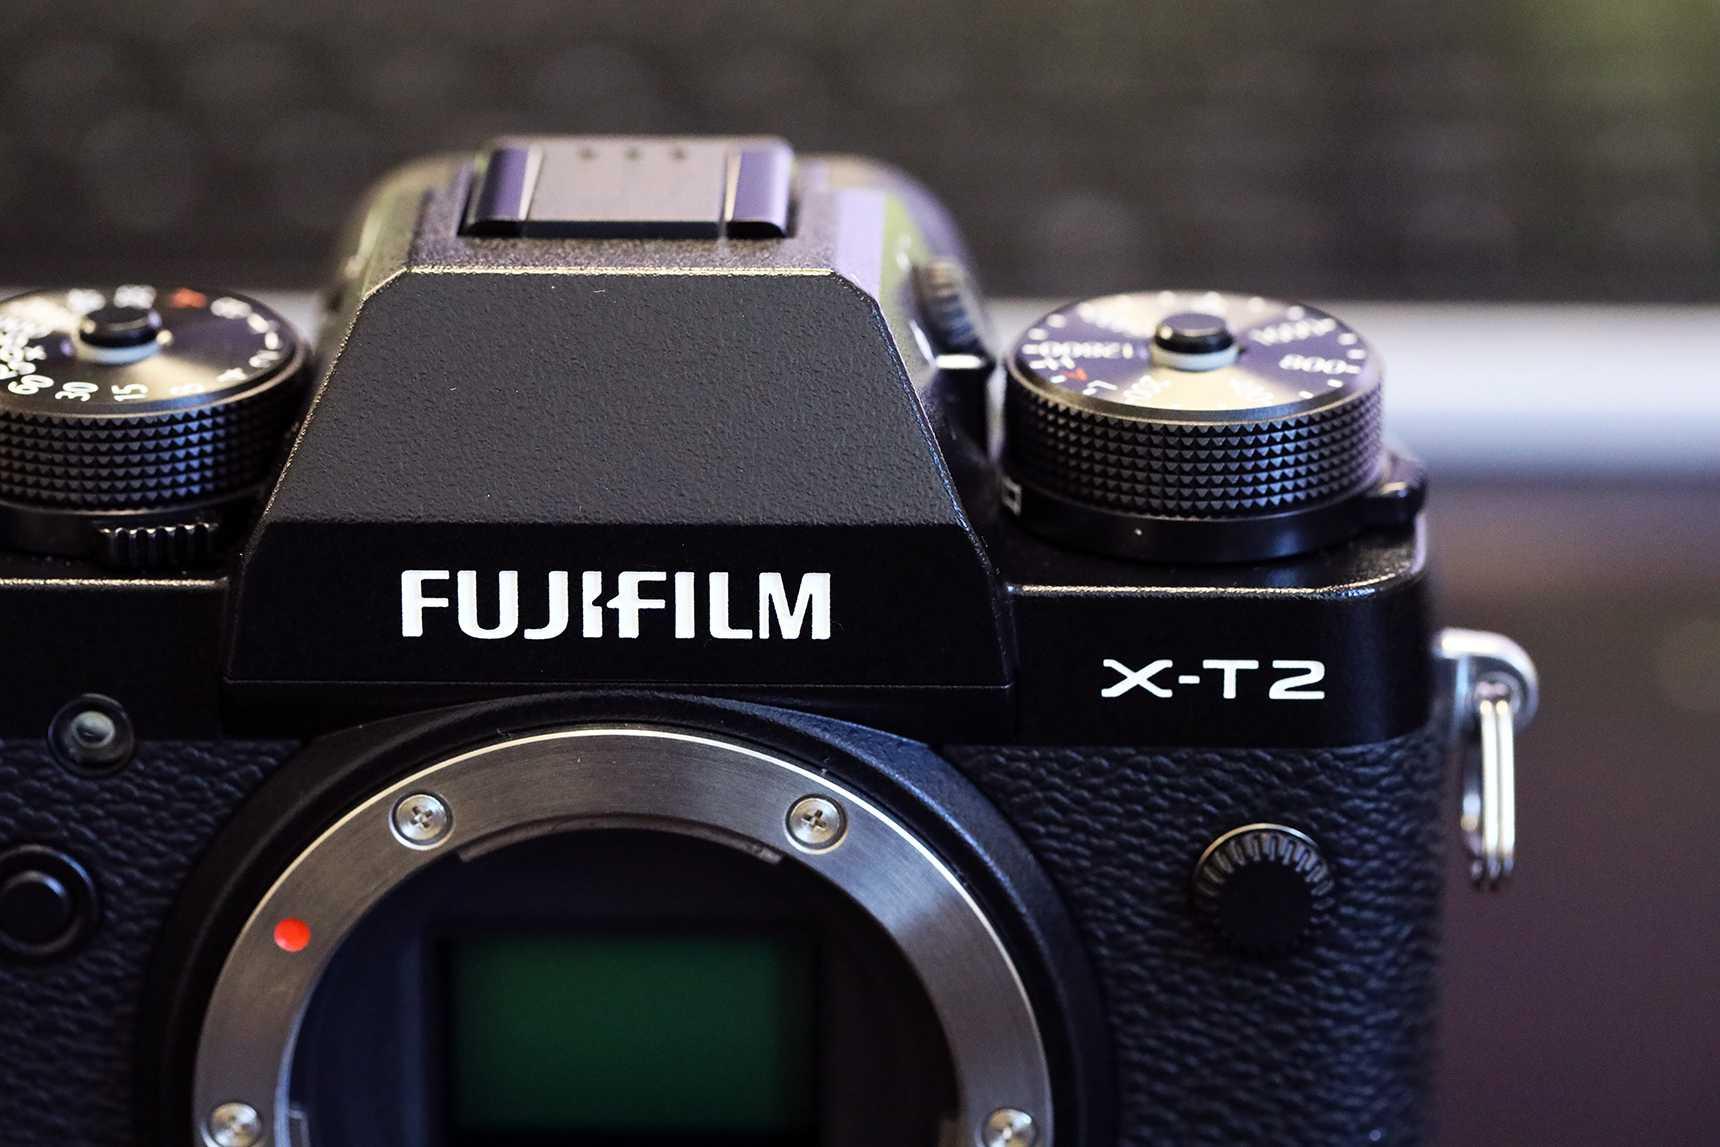 Прошивка 4.0 улучшает систему автофокуса fujifilm x-t1 / системные камеры / новости фототехники